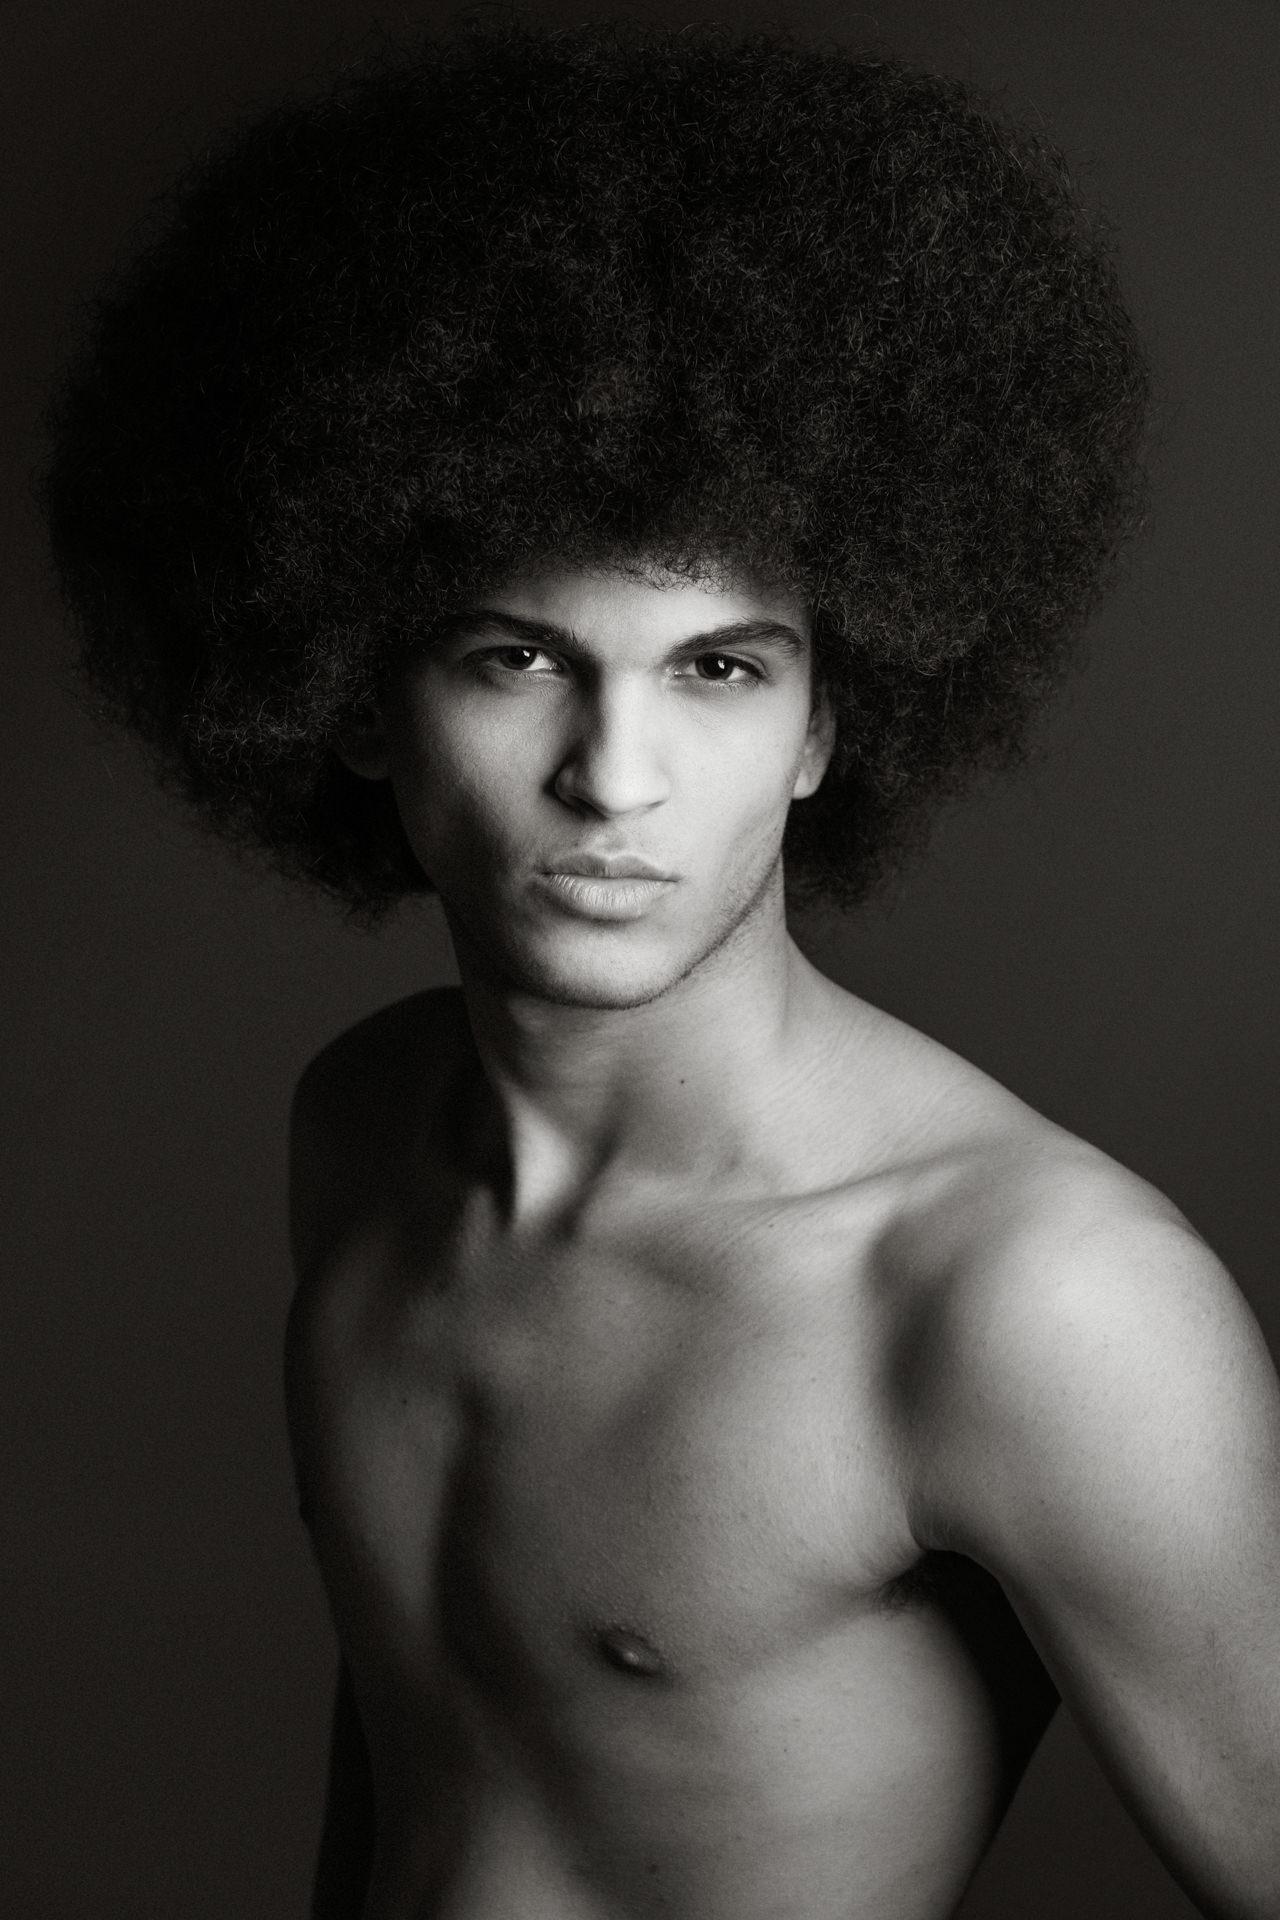 Antonio-Portrait-LEICA-SL-1.jpg